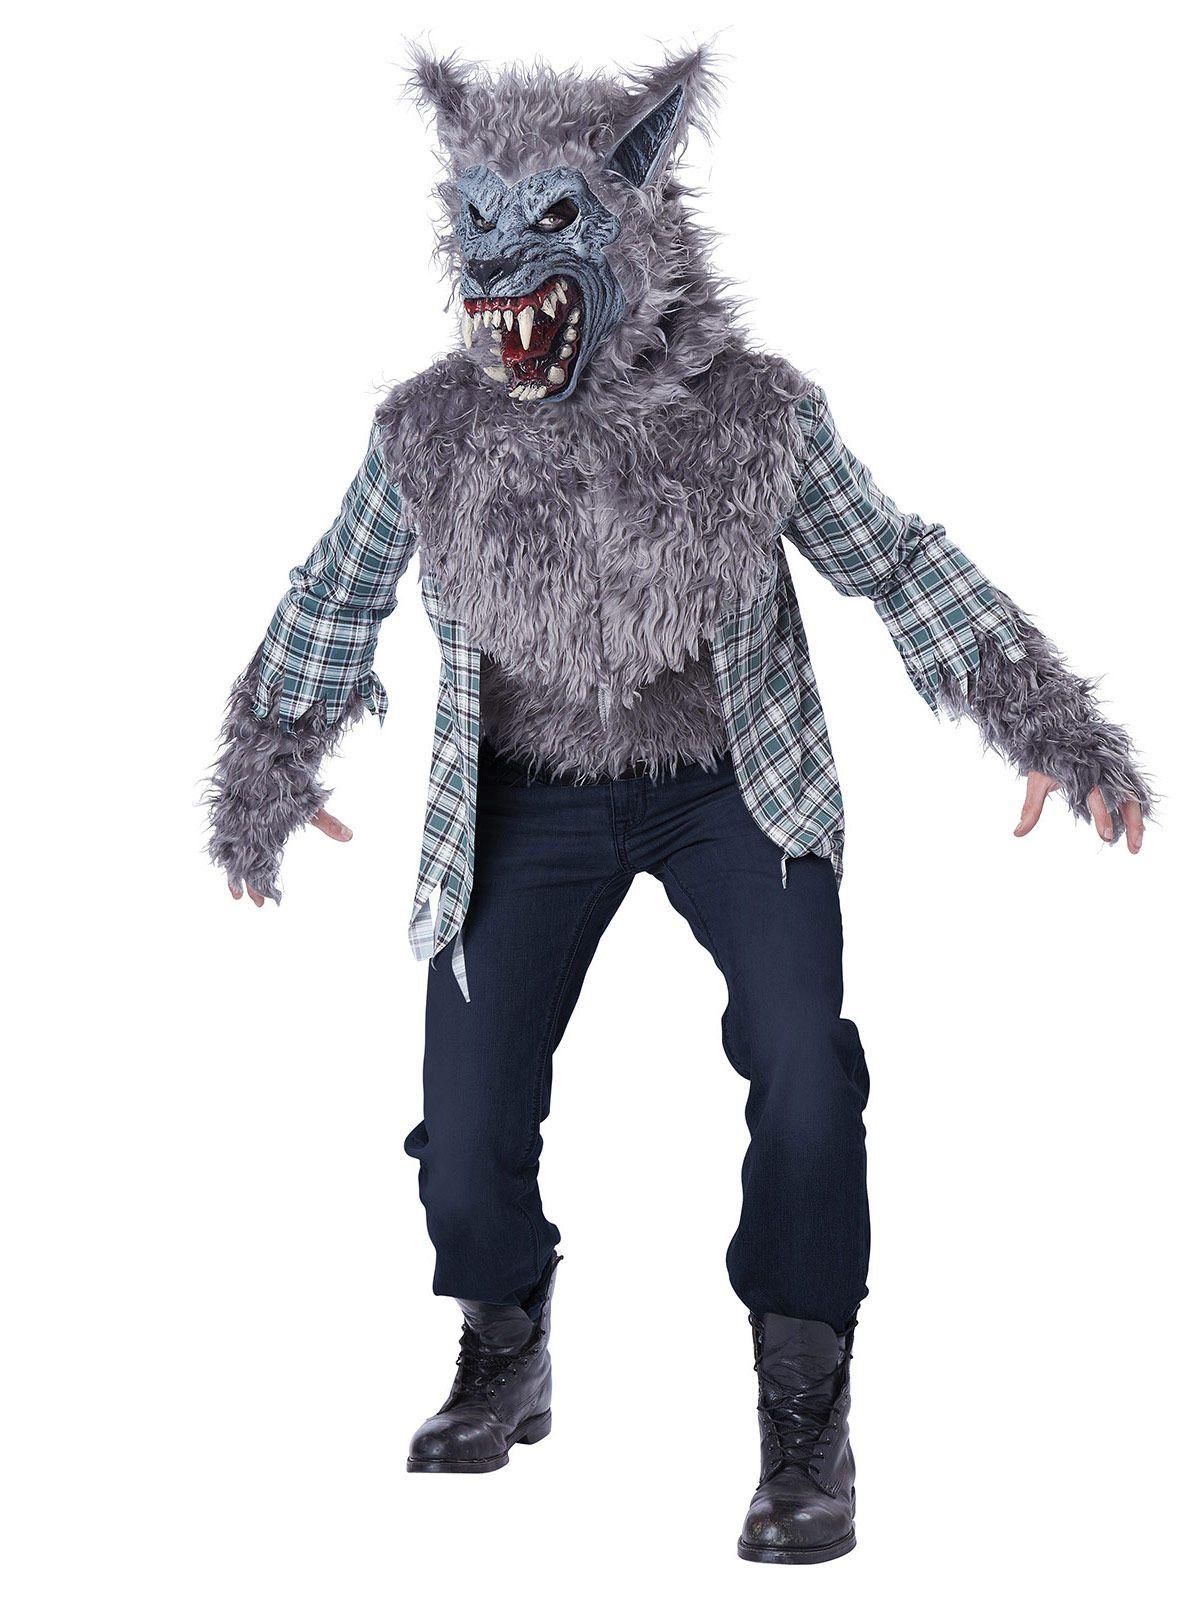 Costume lupo mannaro adulto  Questo costume da lupo mannaro é per adulti.  Possiede una ed4d8f307b25